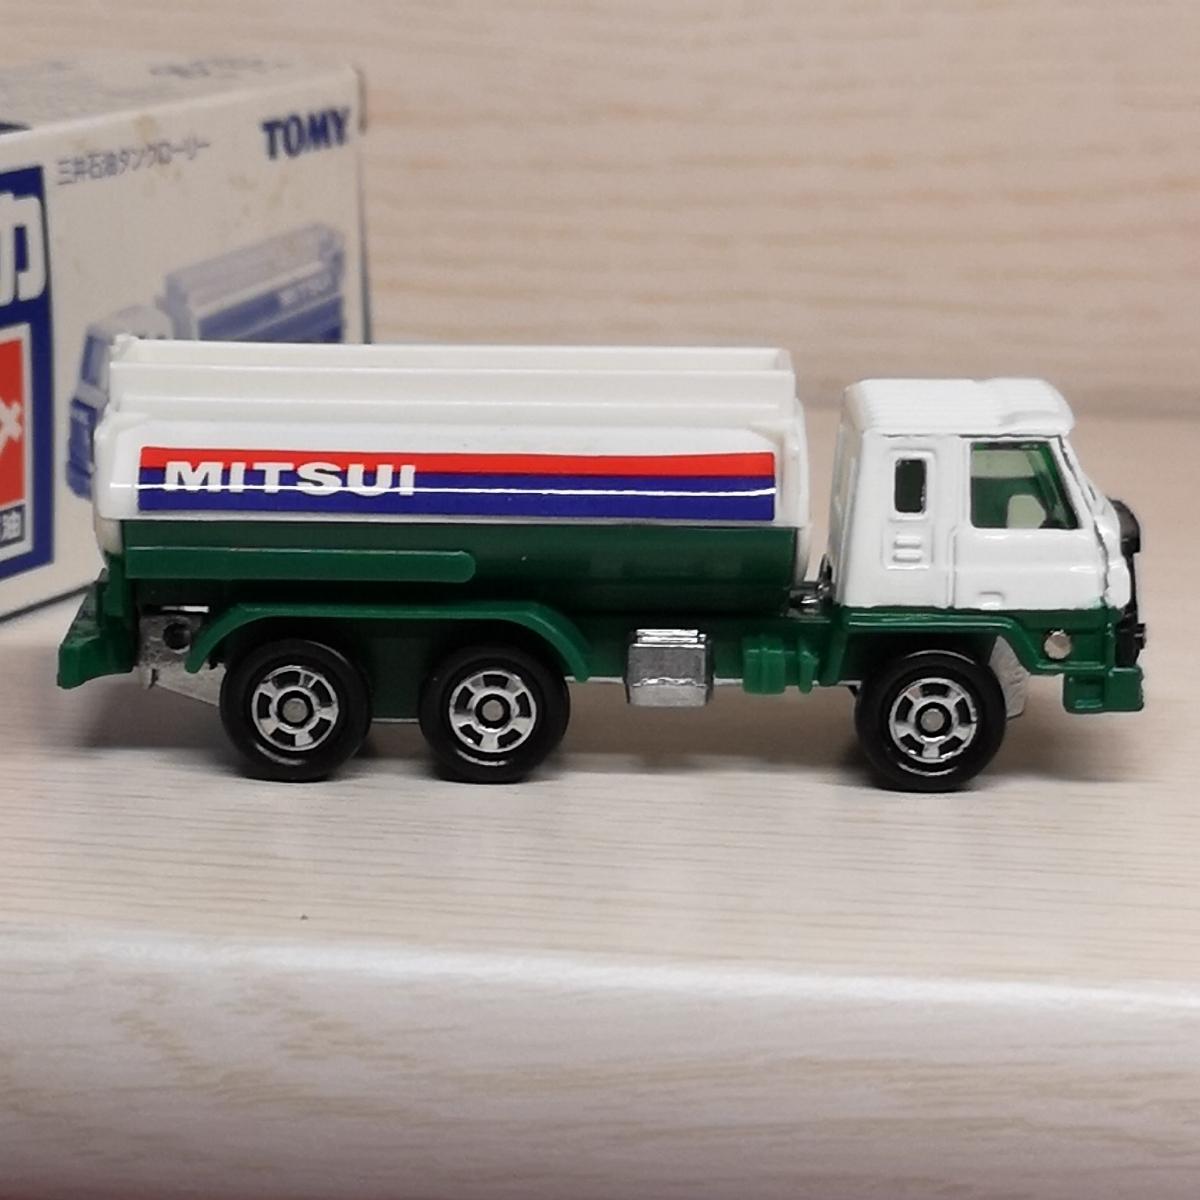 特注トミカ 三井石油 タンクローリー 日産ディーゼル レゾナ トラック_画像4